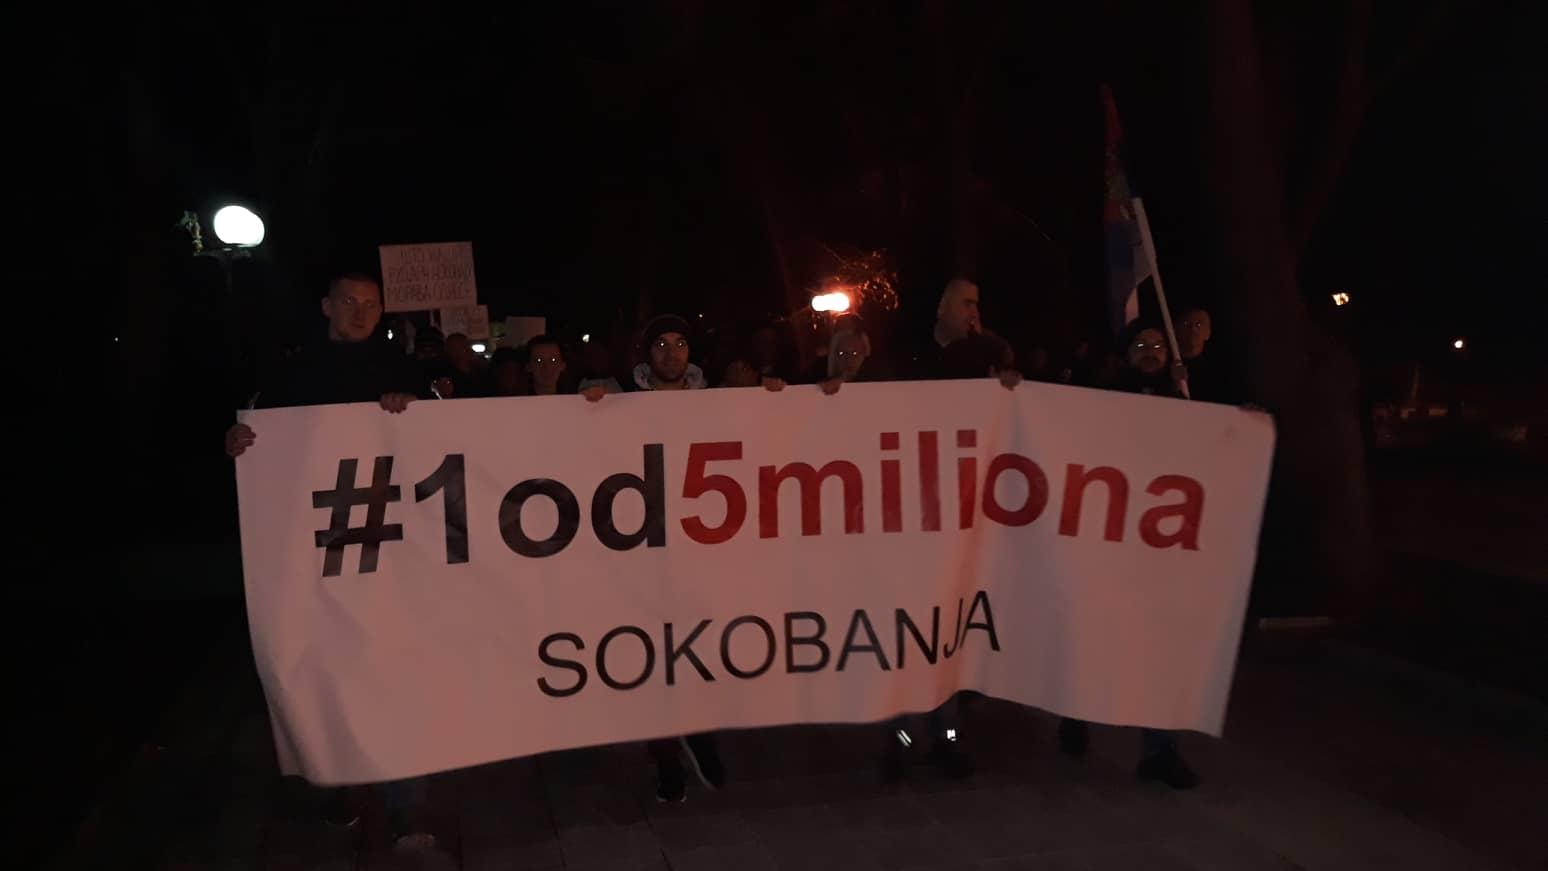 Protesti 1 od 5 miliona u više gradova (VIDEO, FOTO) 23